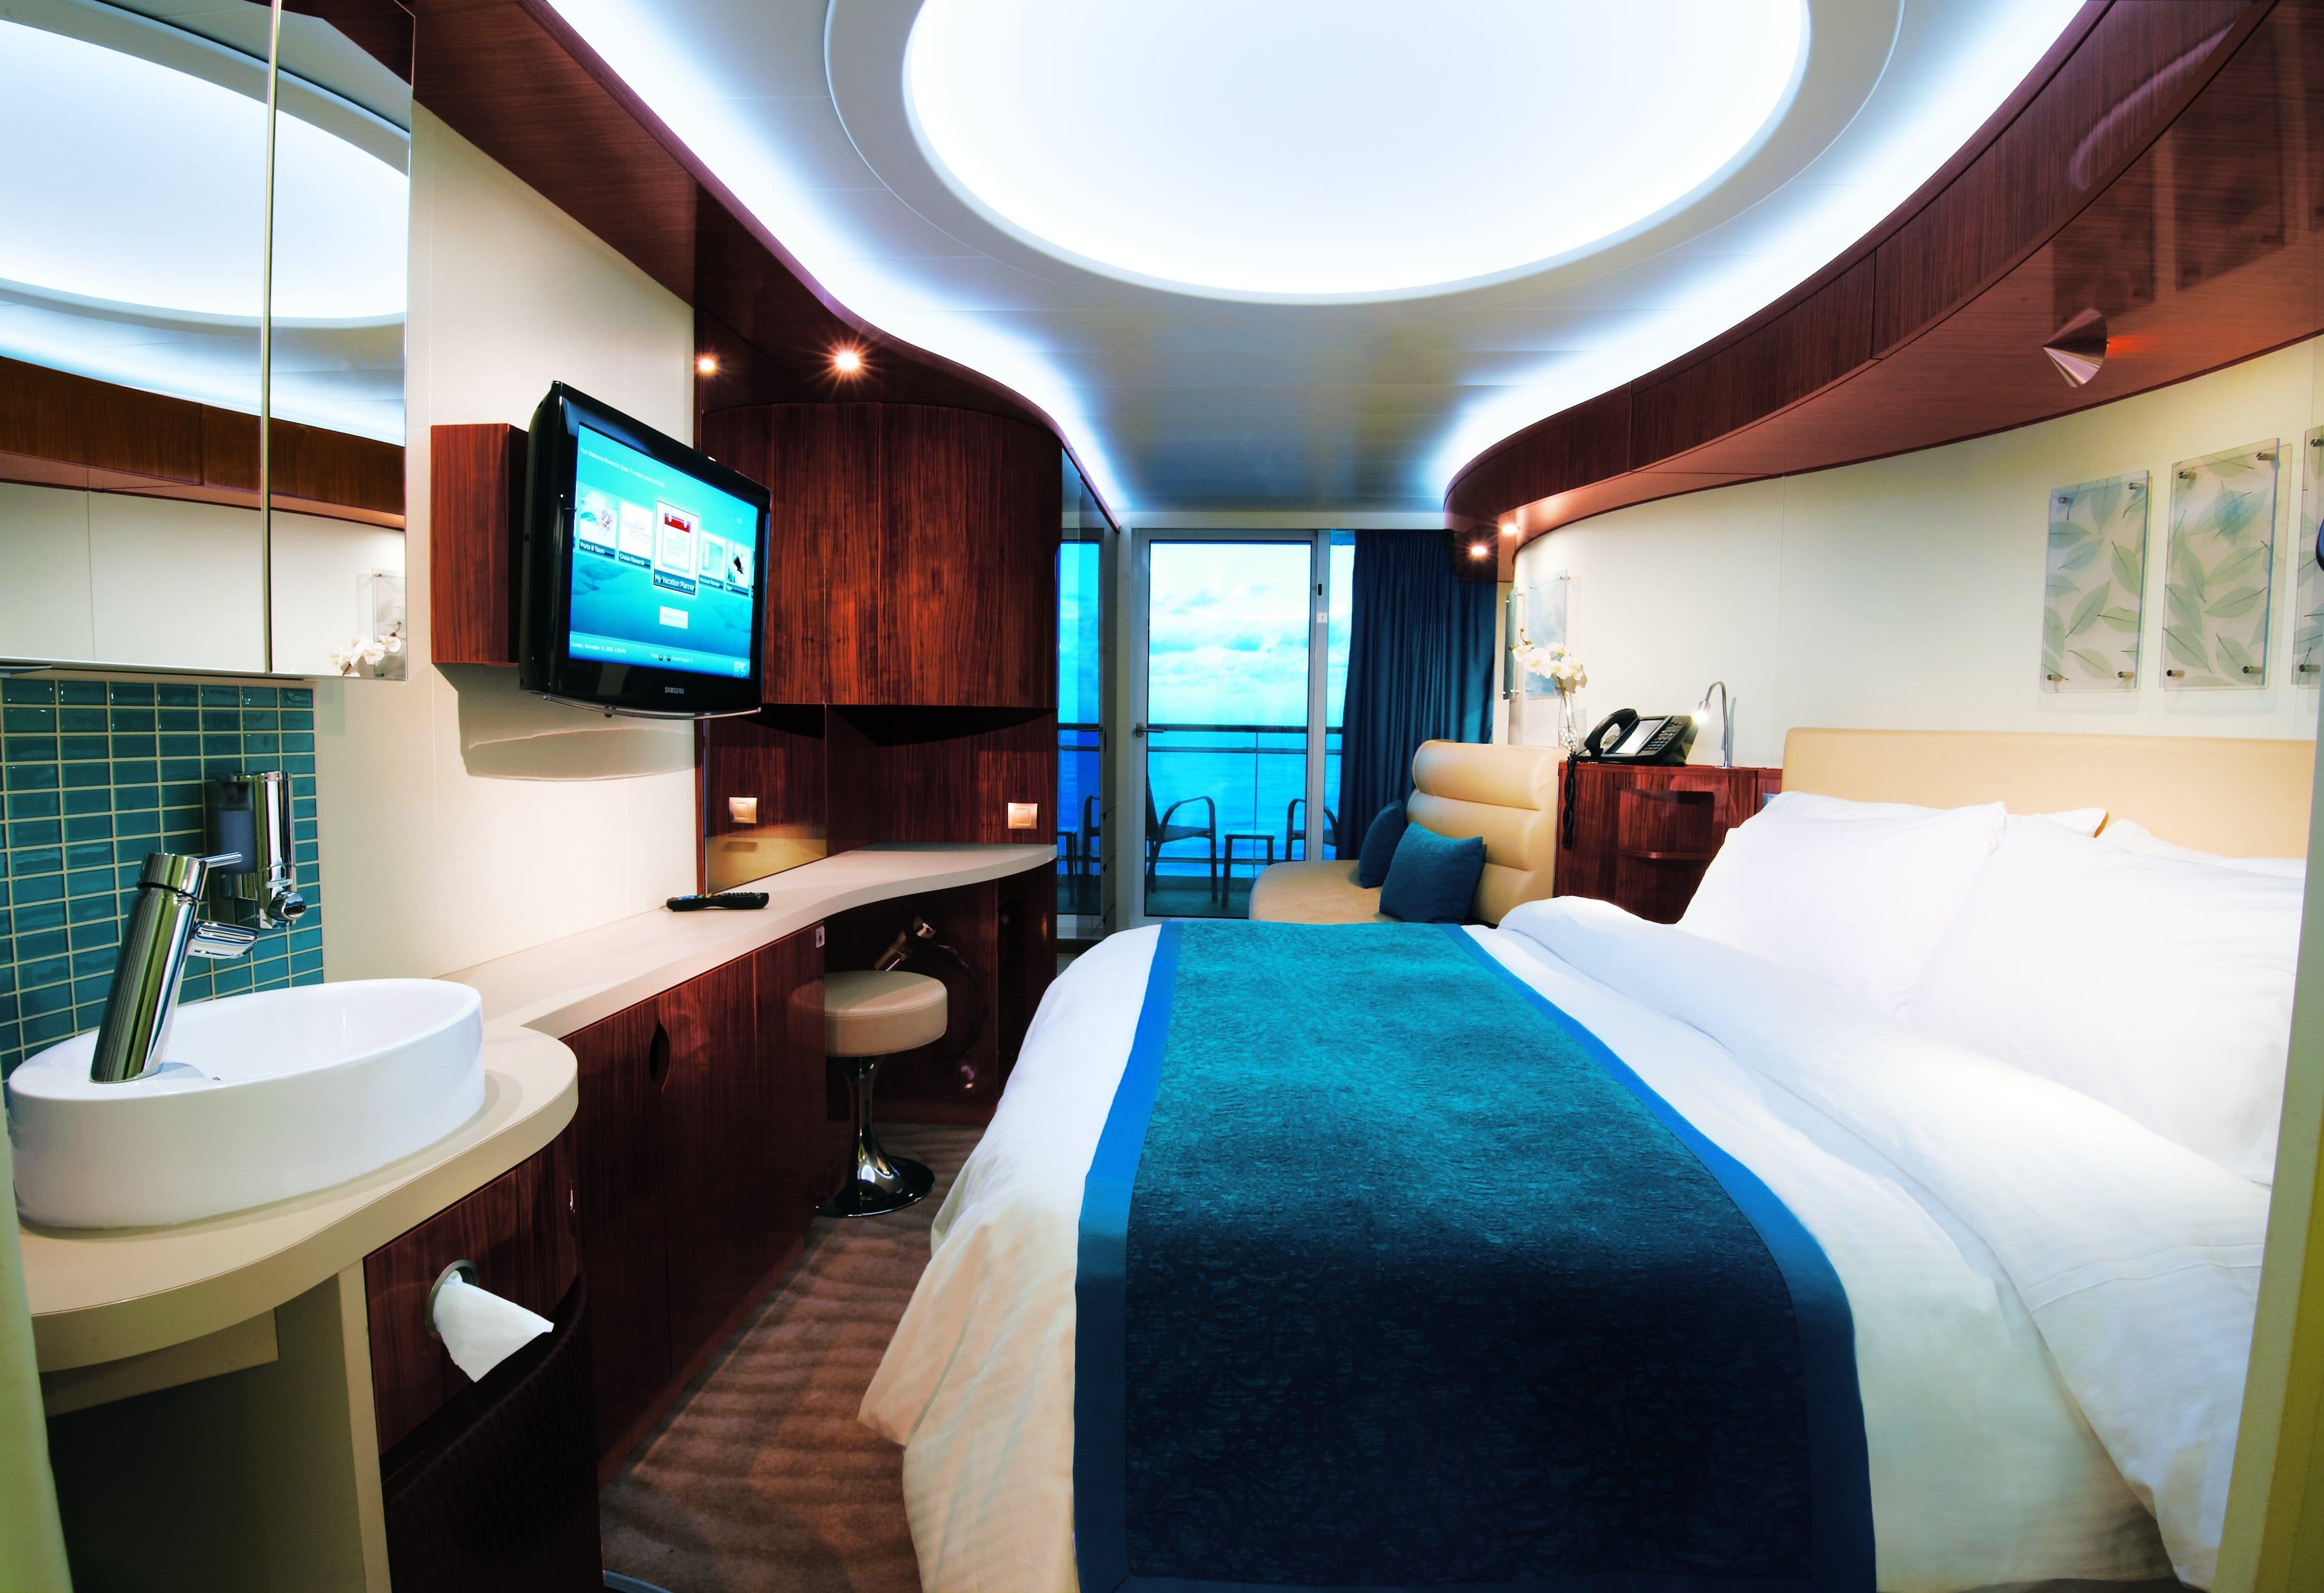 Norwegian sky suite amenities on celebrity